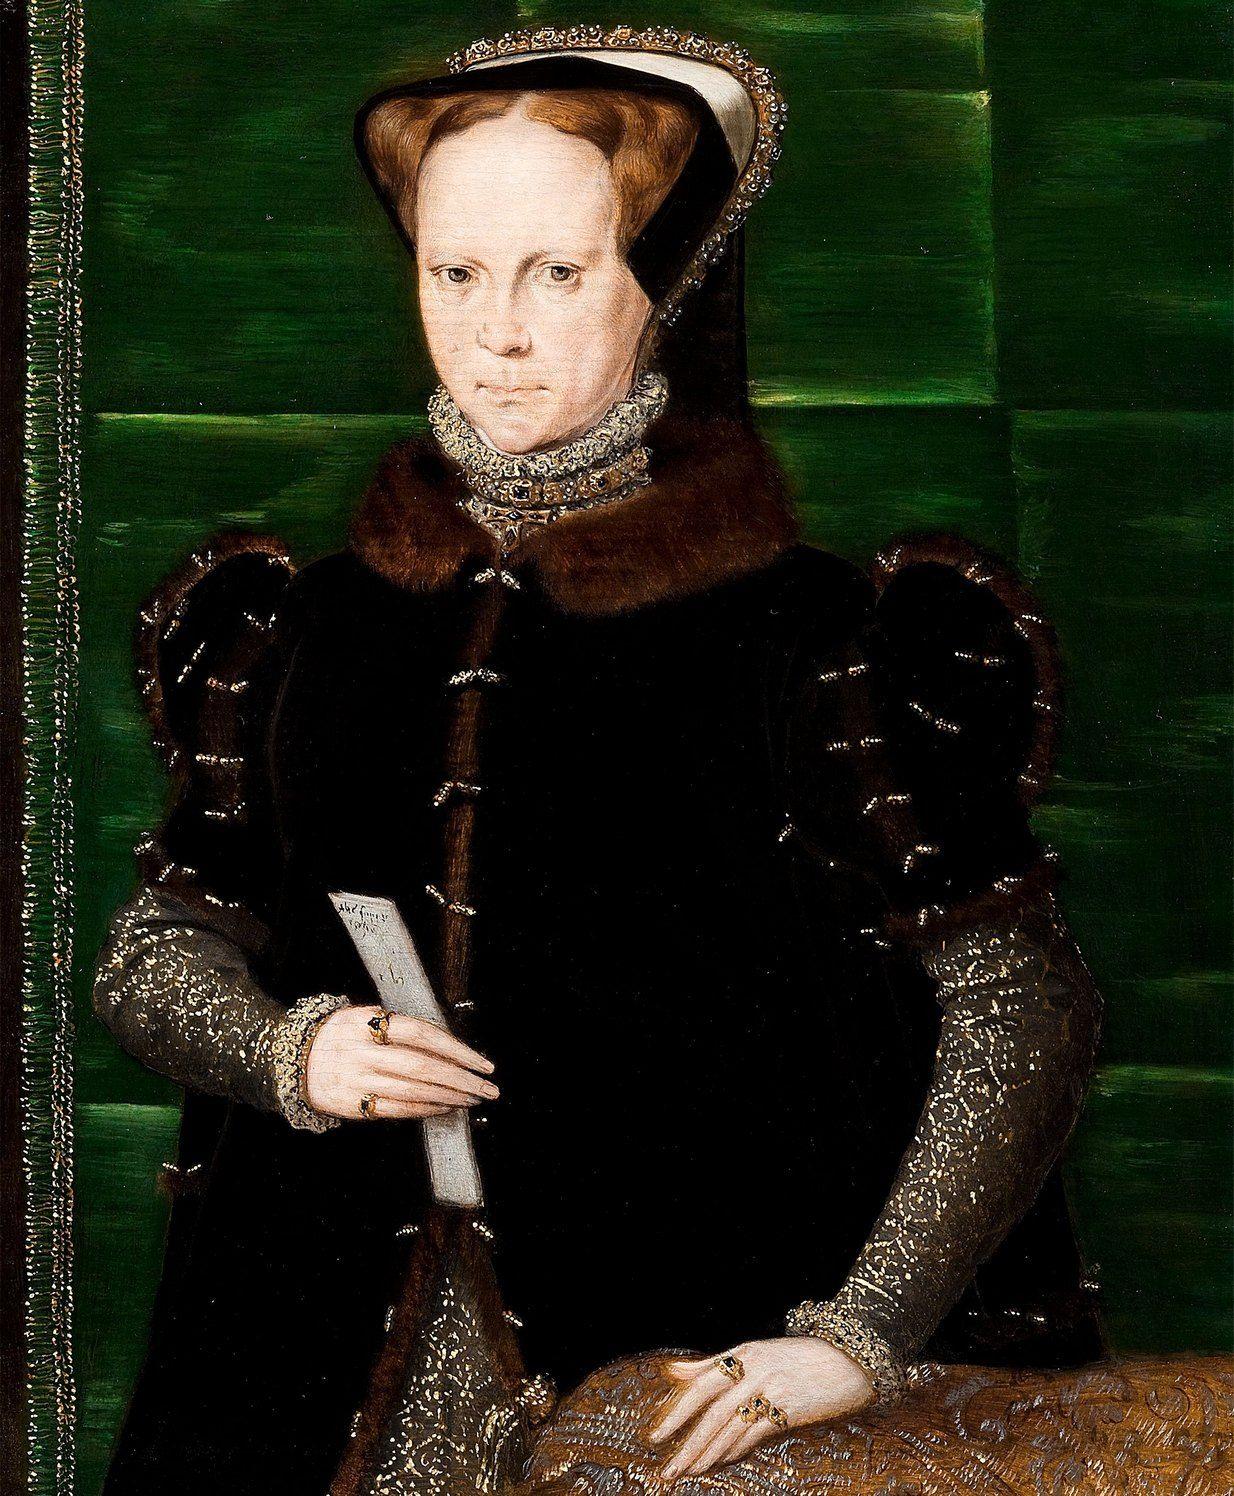 Maria Tudor miała problem z zaakceptowaniem, że w wieku 40 lat trudno zajść w pierwszą ciążę. Wolała w swej bezpłodności widzieć karę boską za tolerowanie heretyków. Portret pędzla Hansa Ewortha (źródło: domena publiczna).